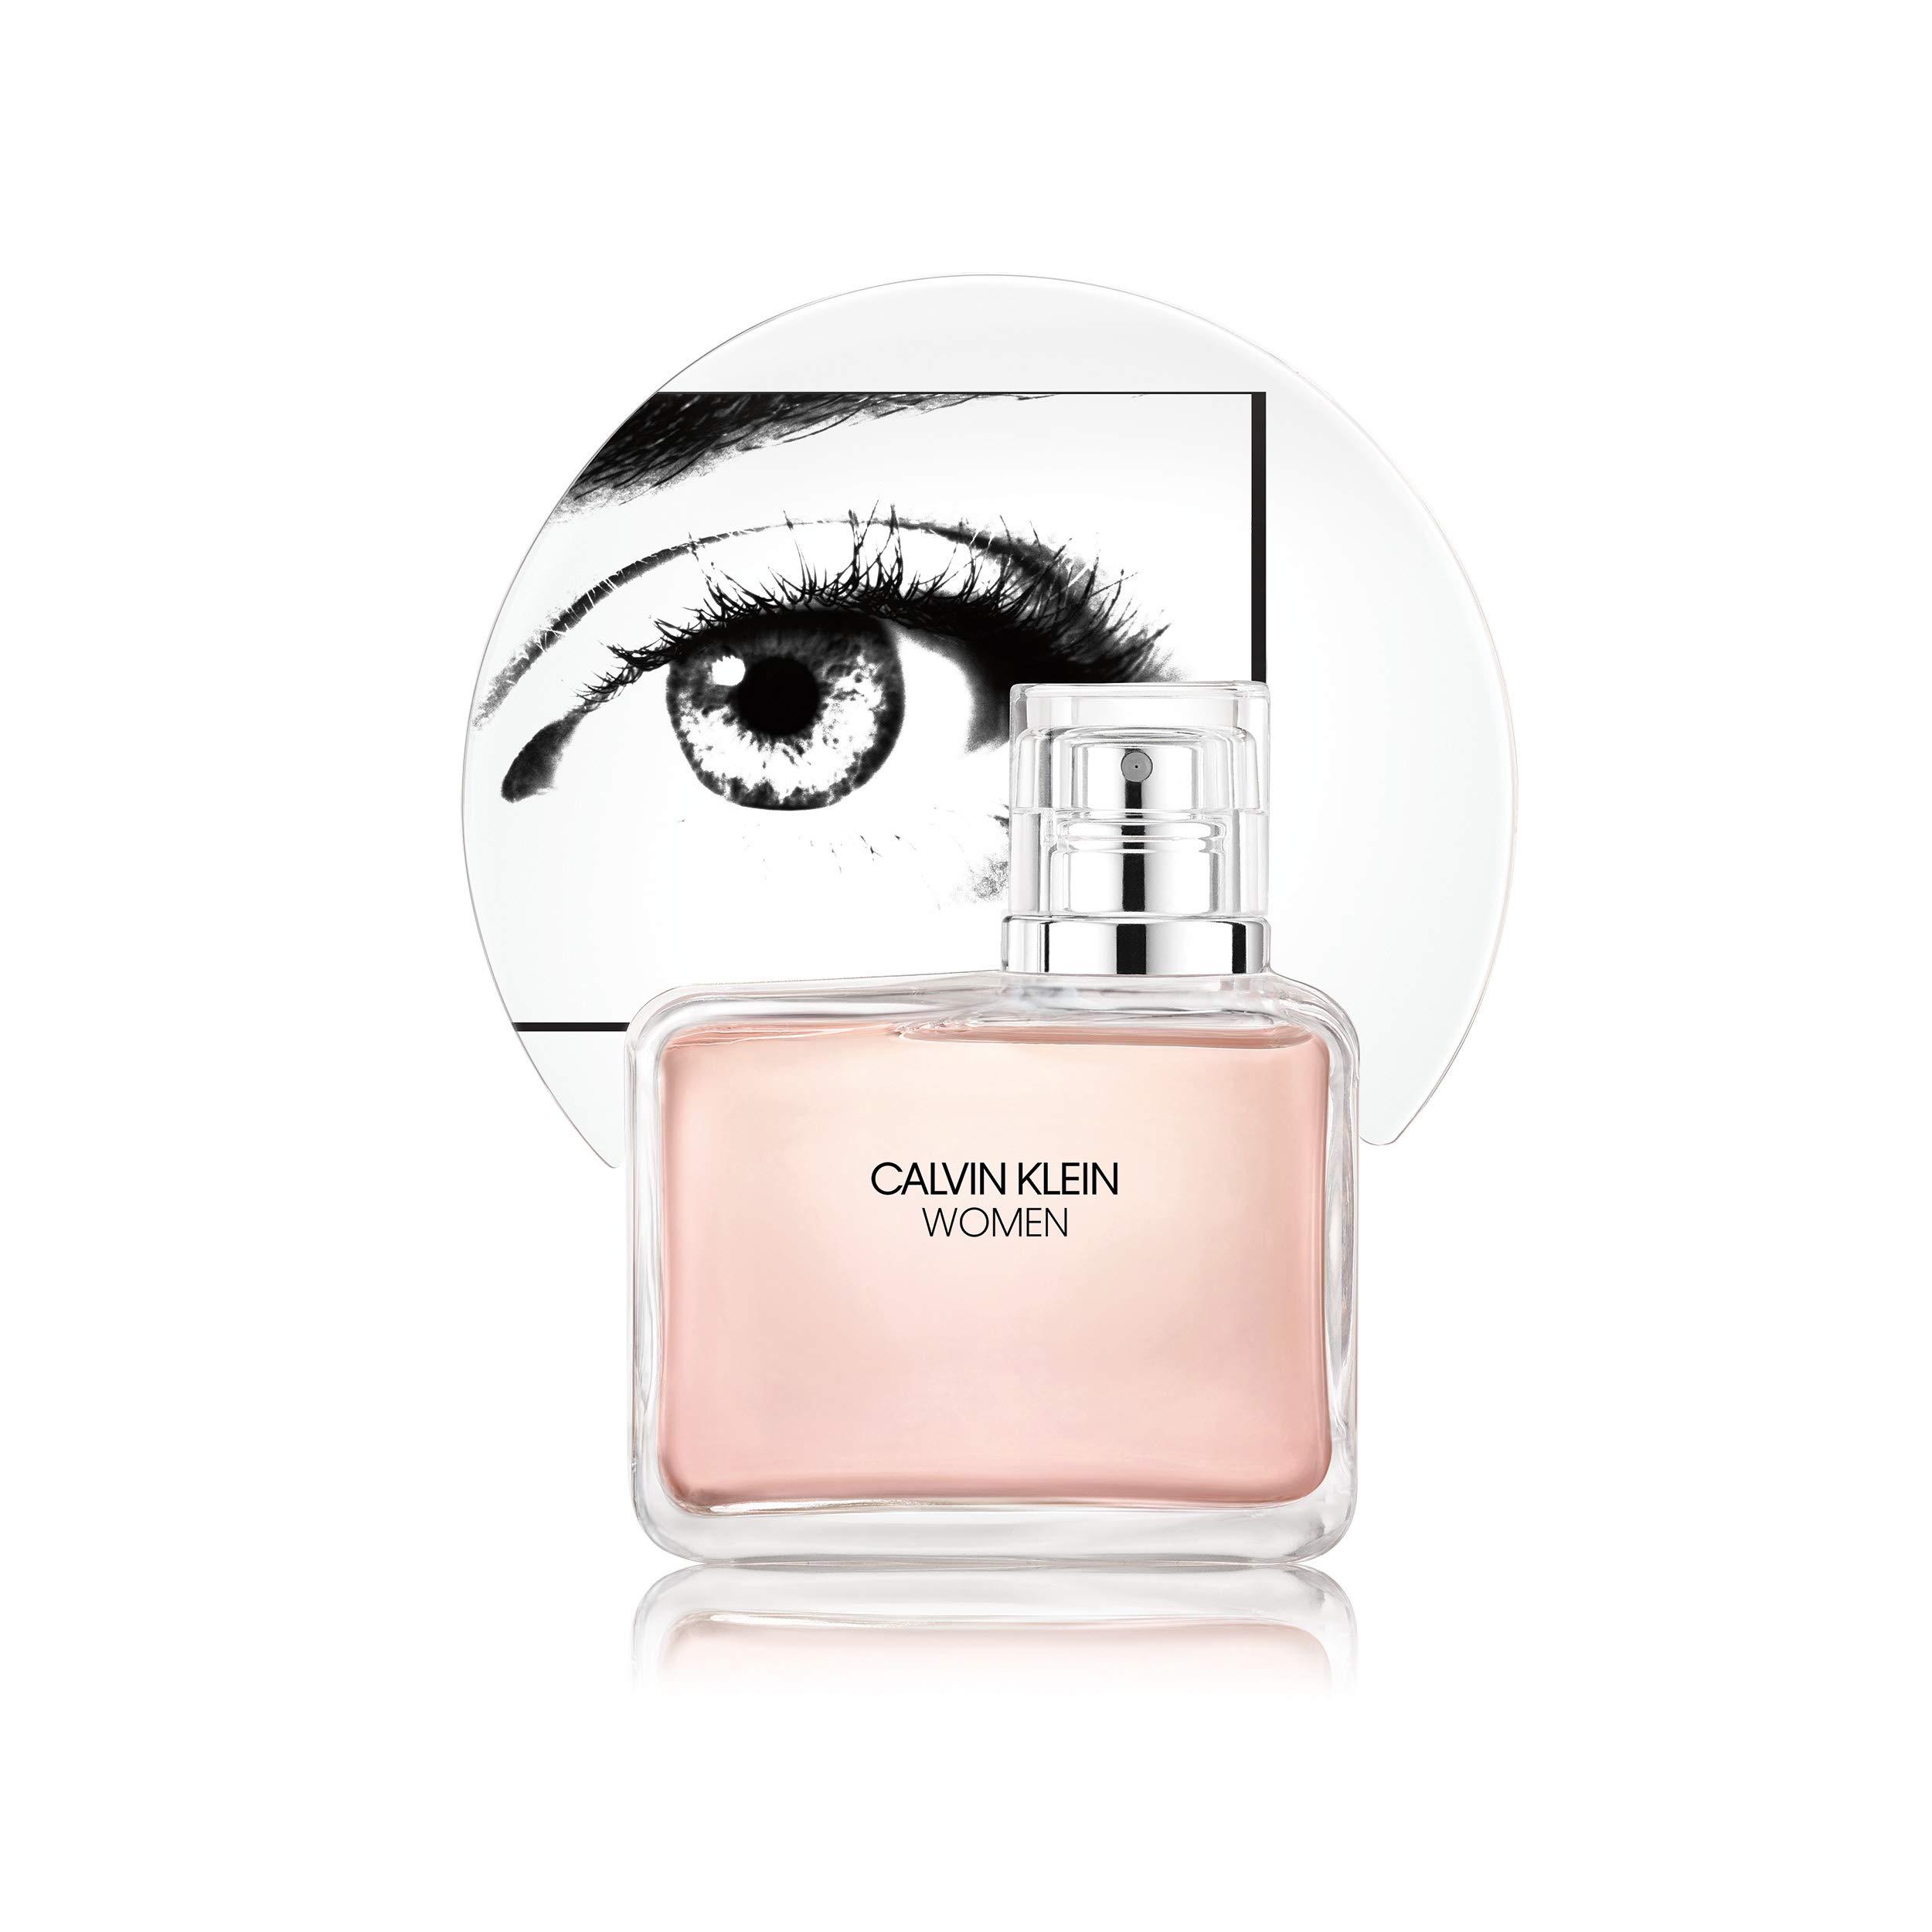 Amazon.com: Calvin Klein Women Eau de Parfum Spray, 0.33